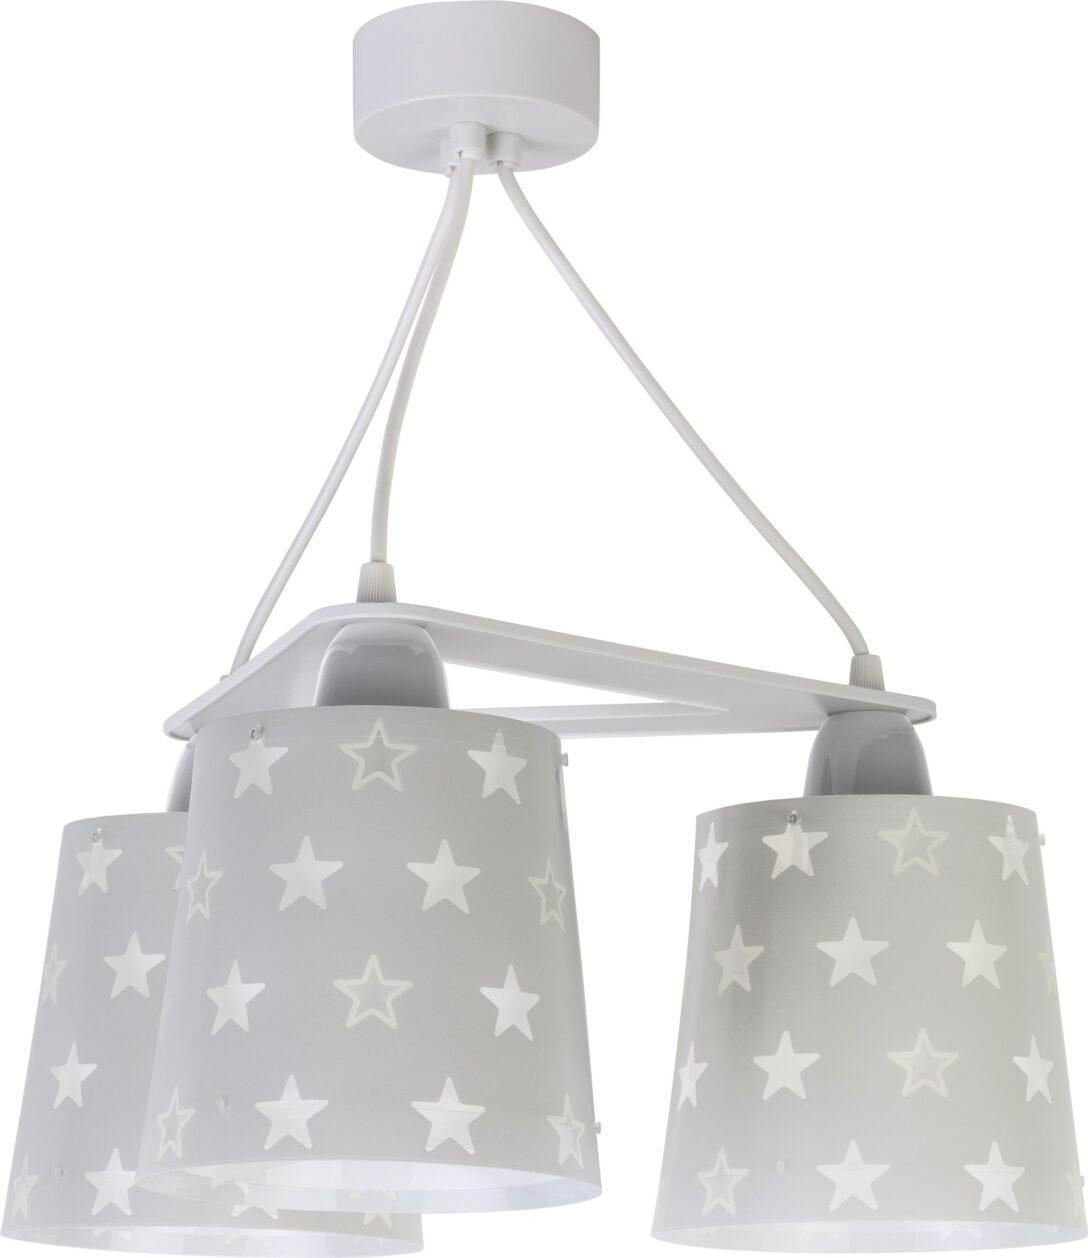 Large Size of Dalber Hngelampen Sterne Leuchten Im Dunkeln 20 Wohnzimmer Hängelampen